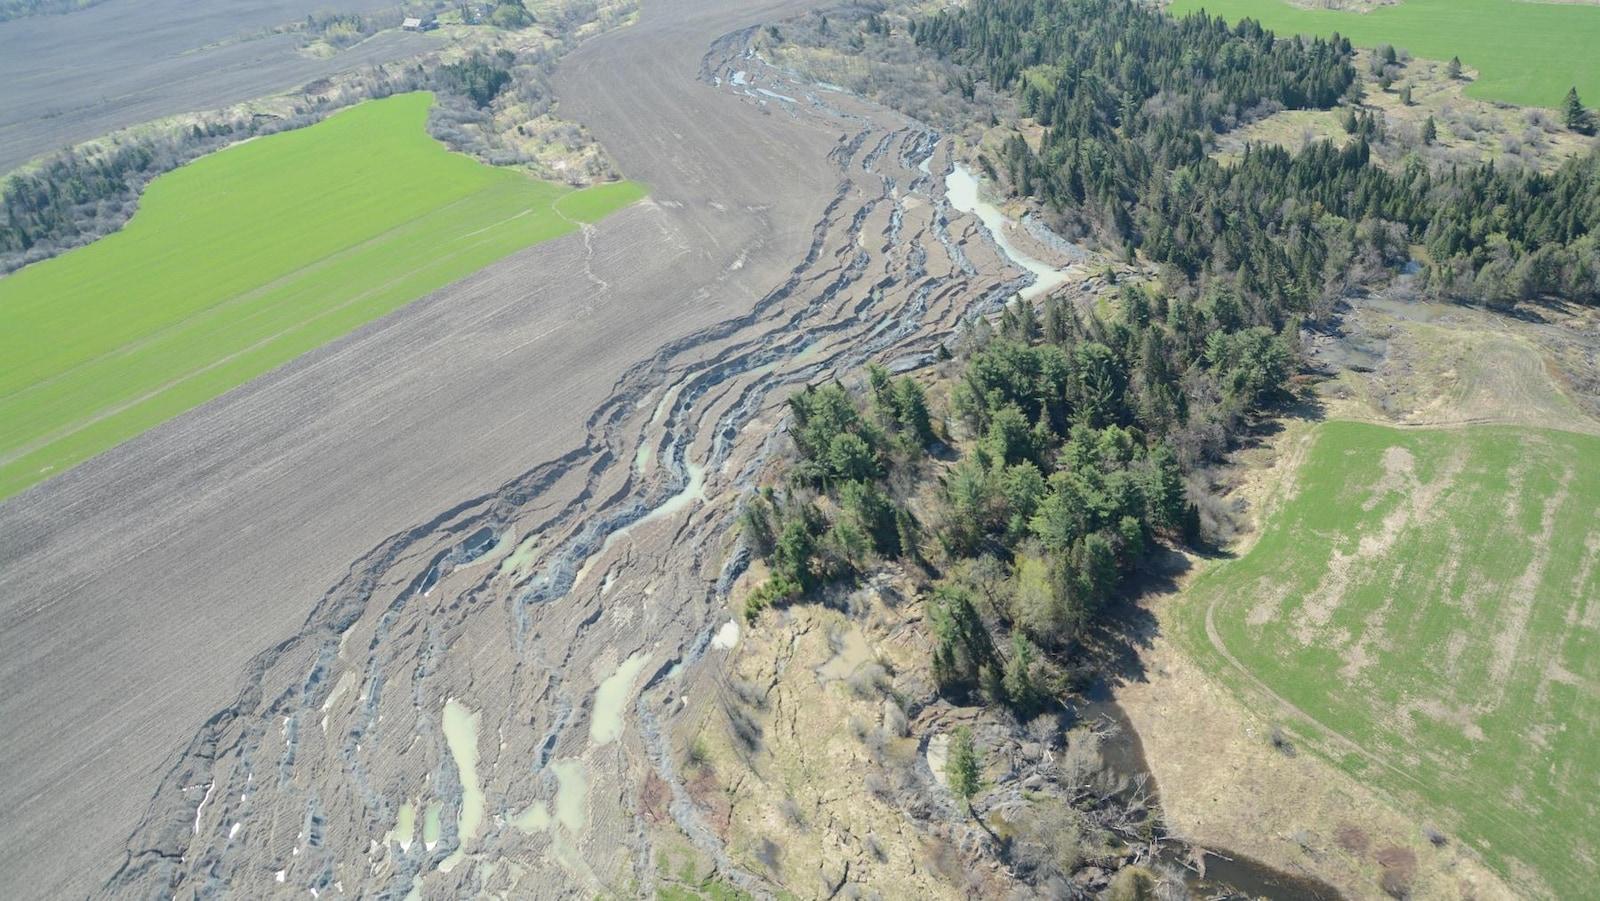 Vue aérienne montrant l'ampleur du glissement de terrain. On voit bien le motif en zébrures, propre aux étalements.